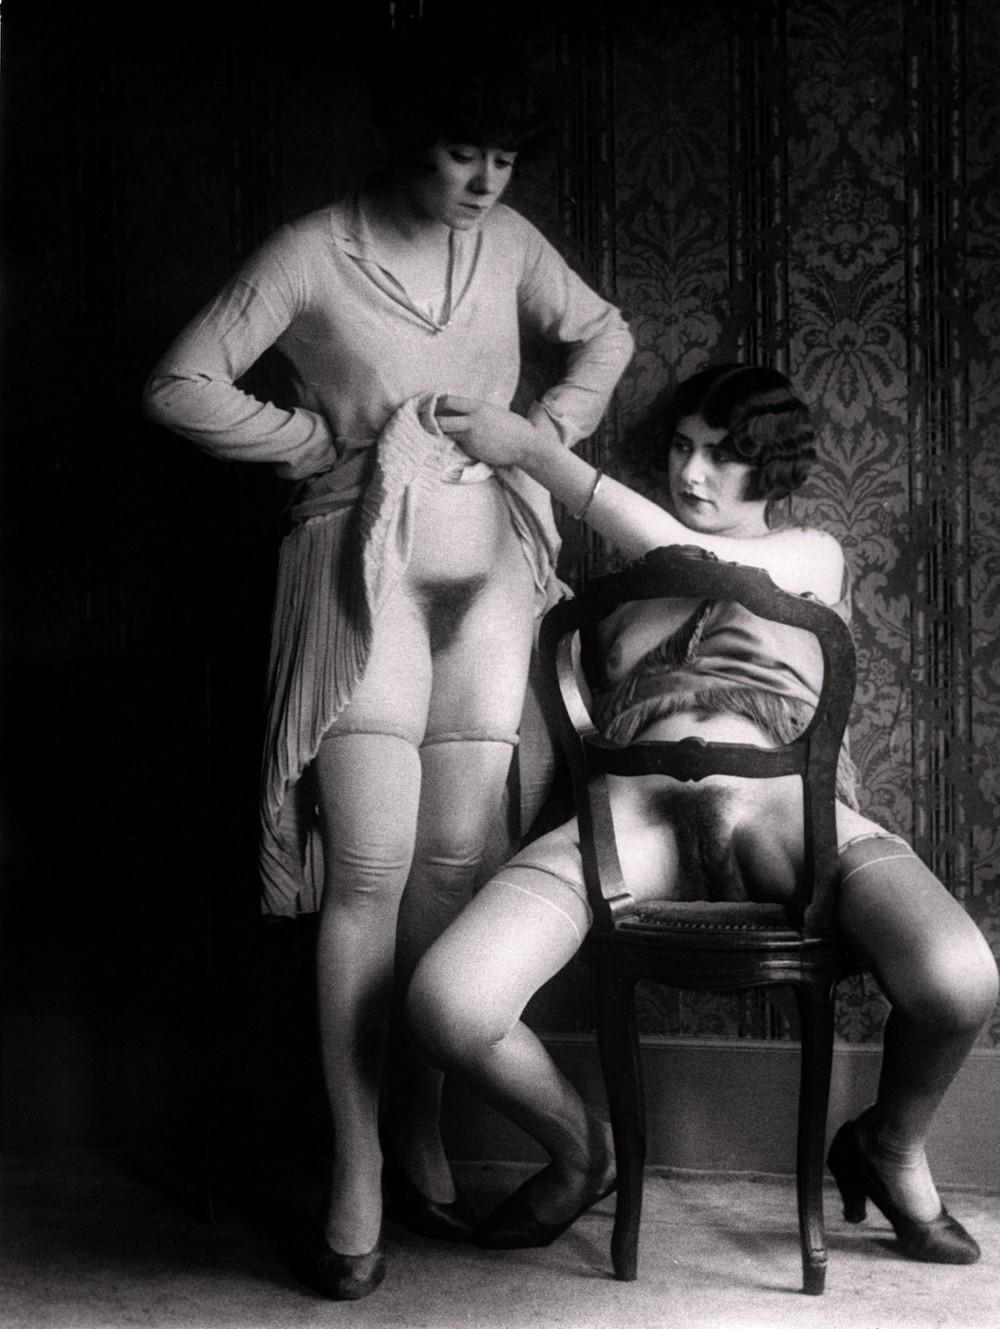 prostitutas niñas prostitutas anales